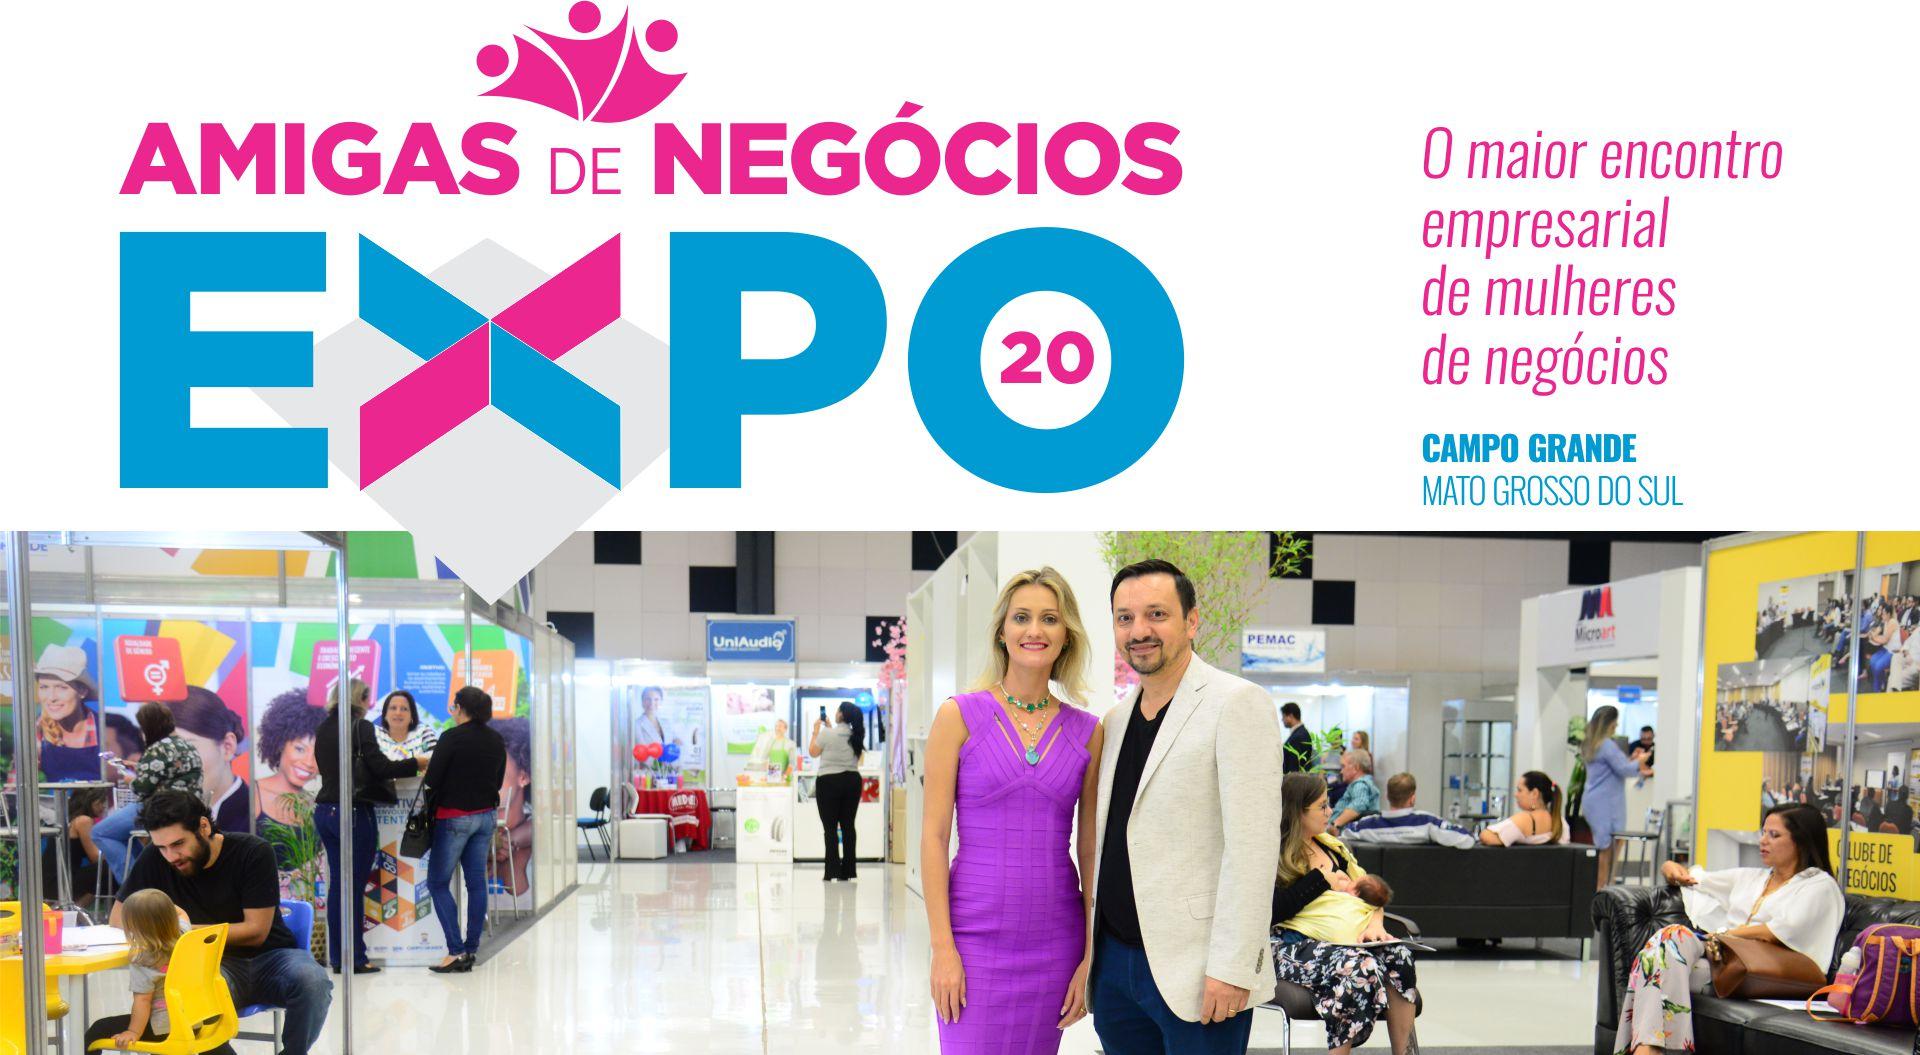 Organizadores da Expo Amigas de Negócios, Noêmia Frazão e Washington Sanches